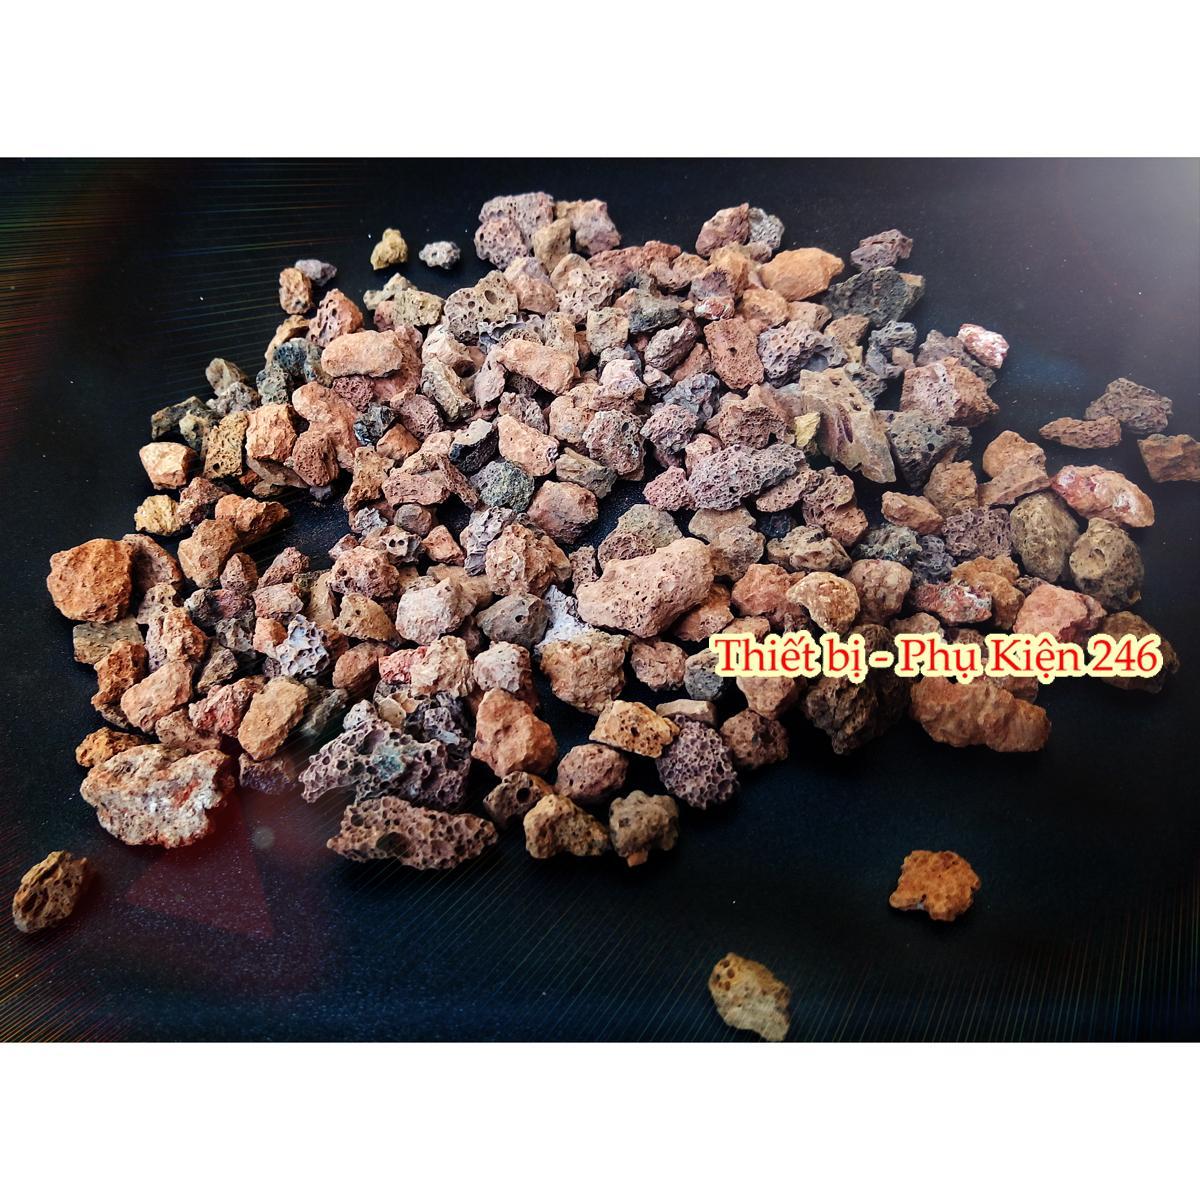 Đá nham thạch Nhỏ scoria stone vật liệu lọc, trang trí bể cá 1.000 gram